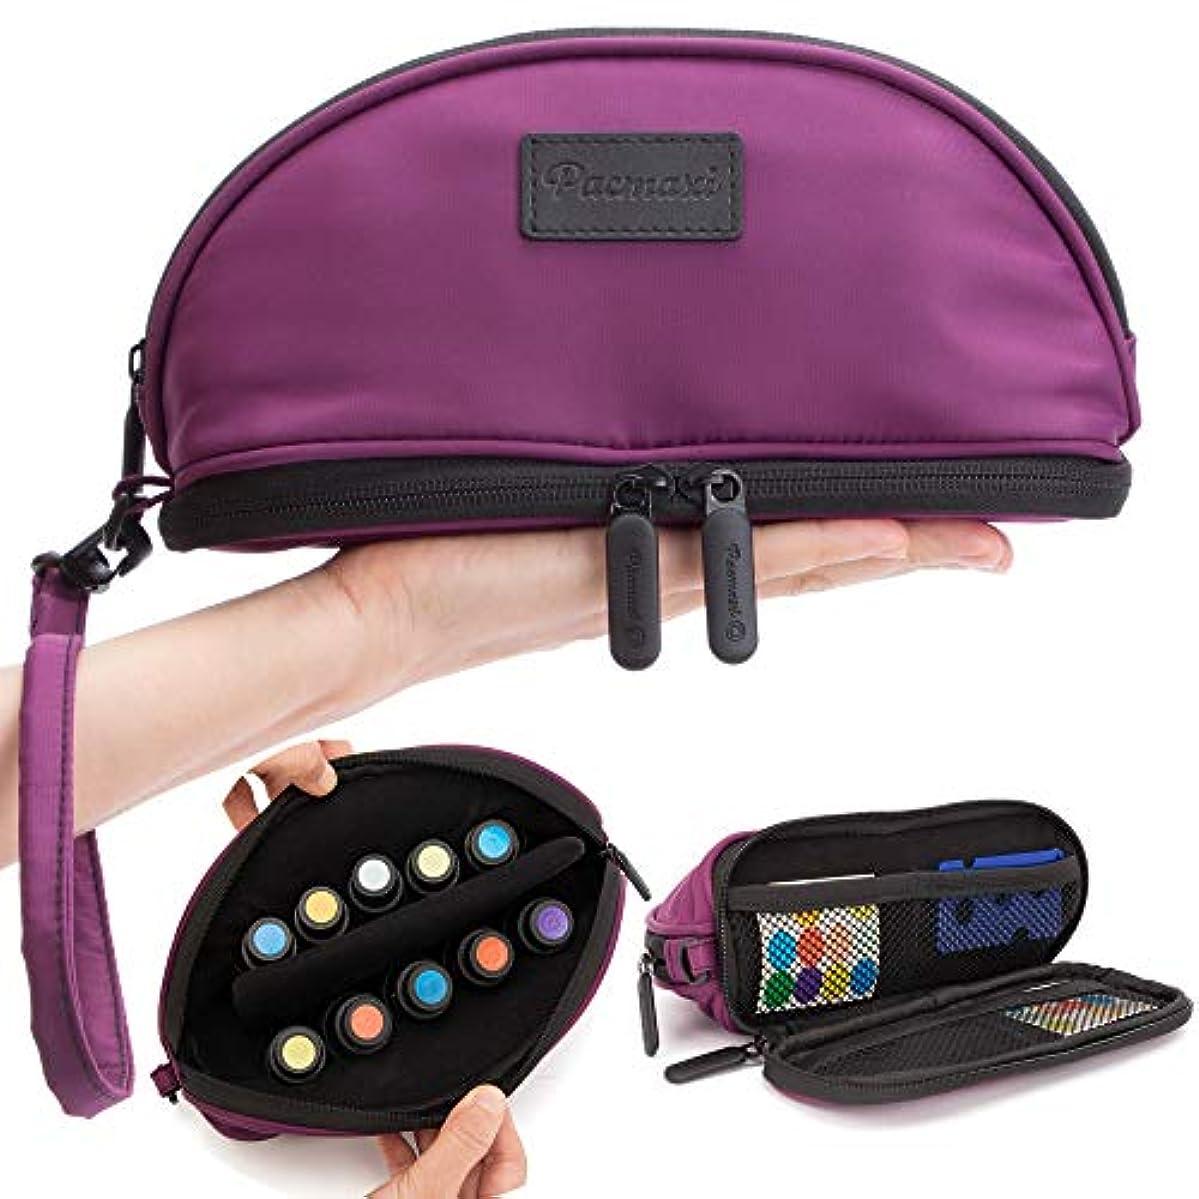 接触流星ために[Pacmaxi]エッセンシャルオイル 収納ポーチ 携帯便利 旅行 10本収納(5ml - 15ml) ナイロン製 撥水加工 ストラップあり (パープル)